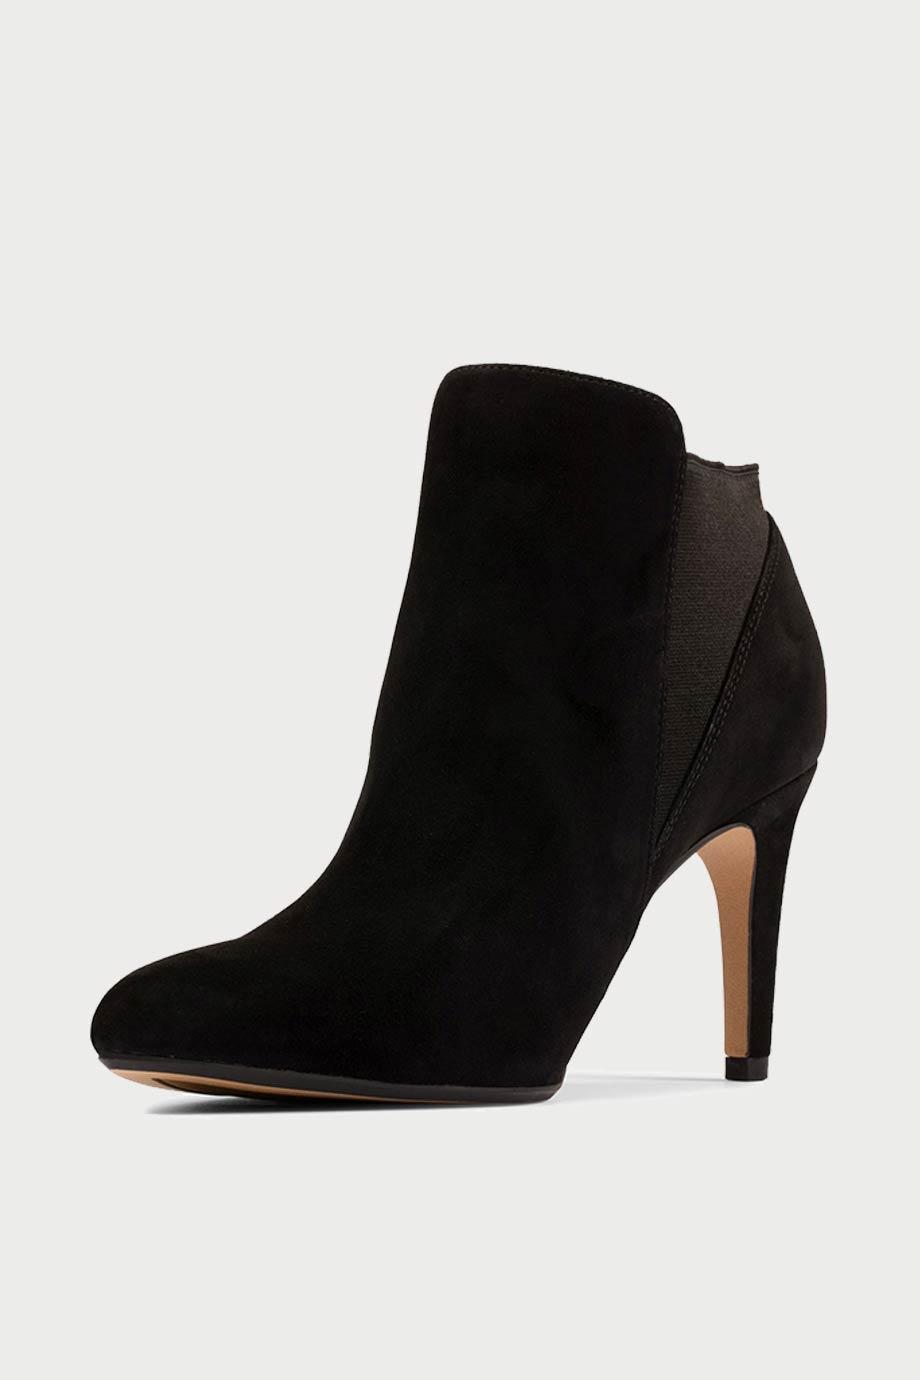 spiridoula metheniti shoes xalkida p laina violet black suede clarks